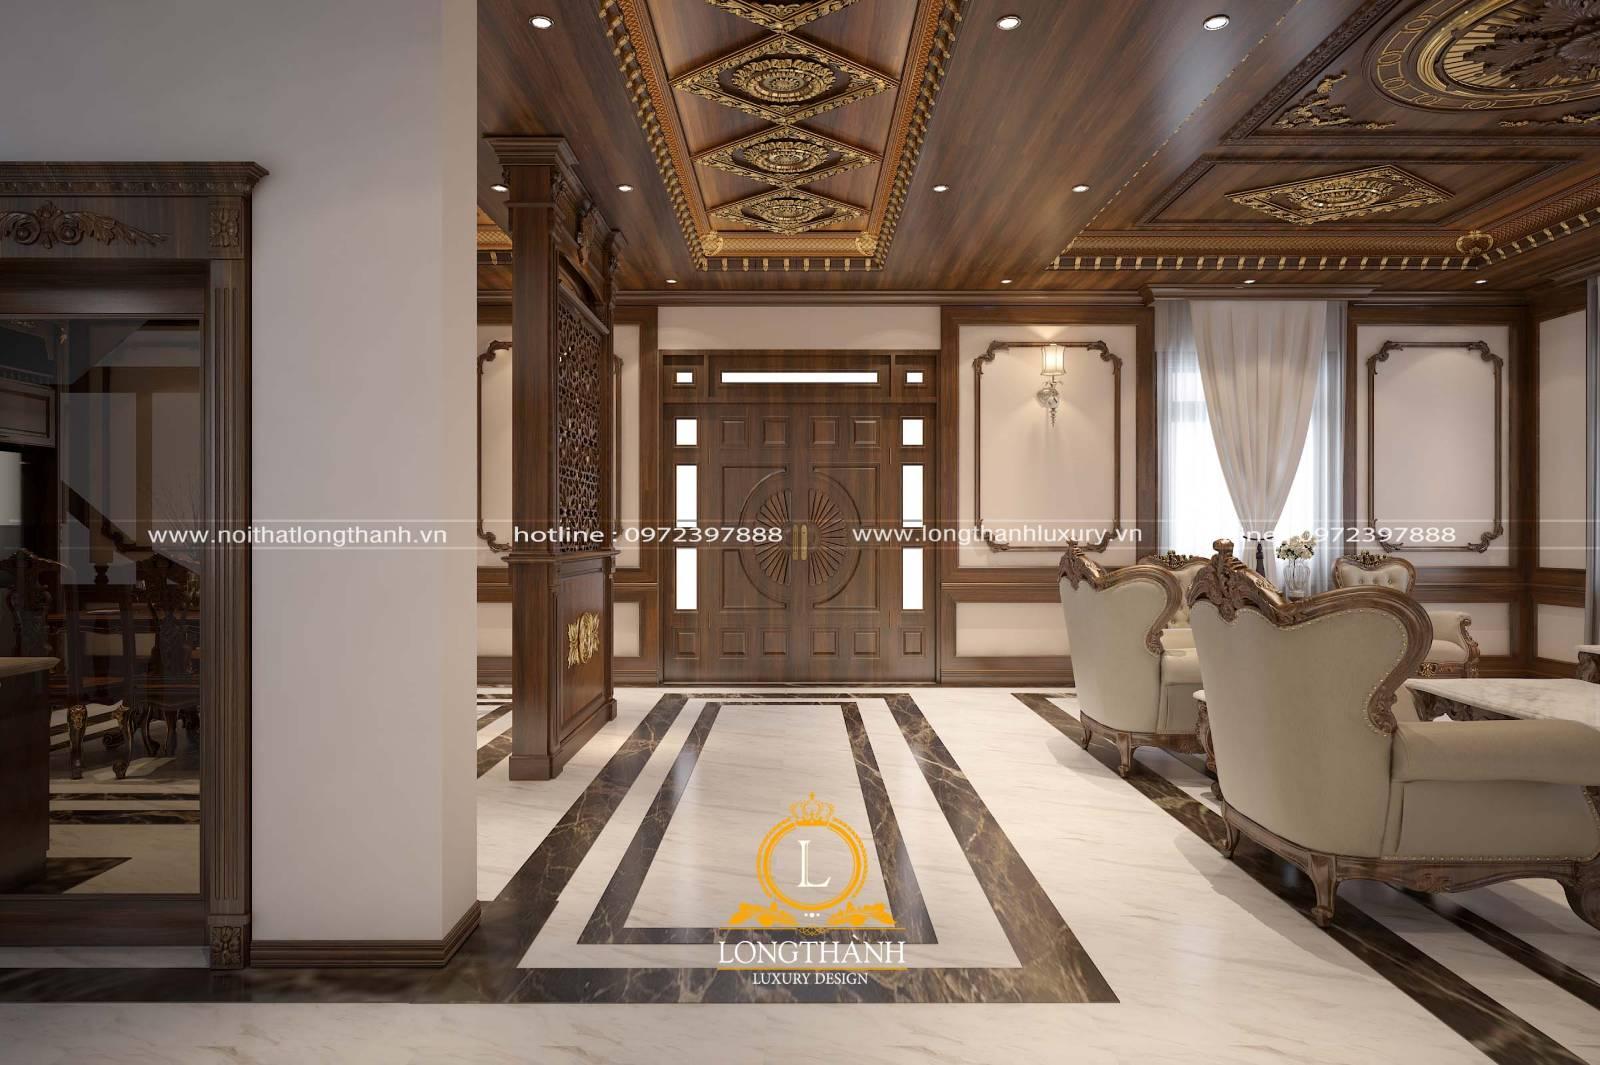 Cửa gỗ sồi phòng khách đồng bộ với thiết kế và màu sắc đồ nội thất